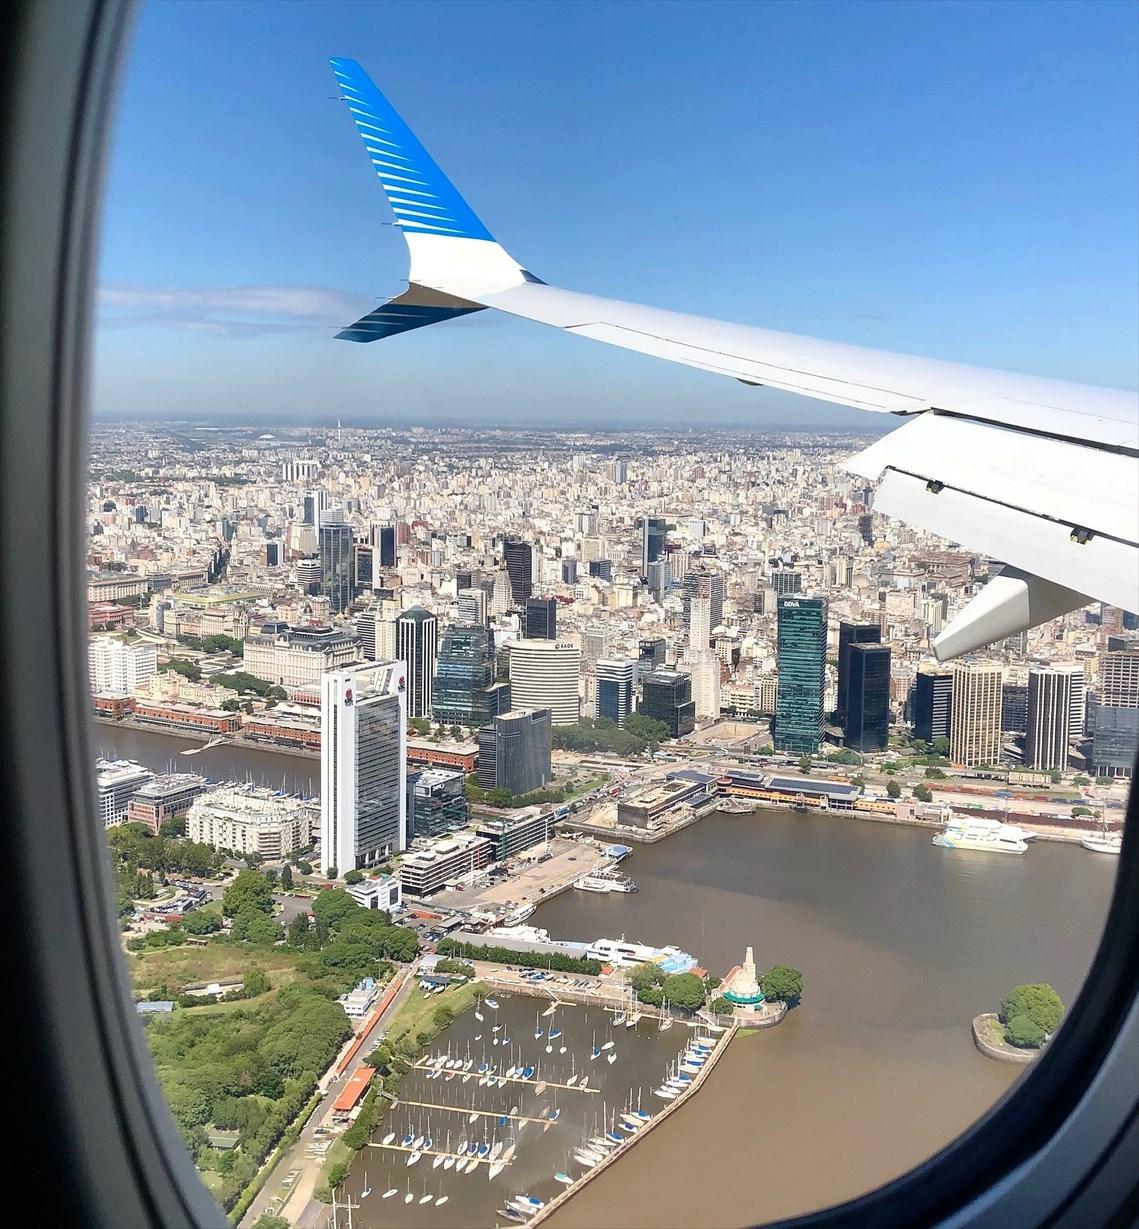 中南米の旅/41 再びブエノスアイレスへ@アルゼンチン_a0092659_14243673.jpg